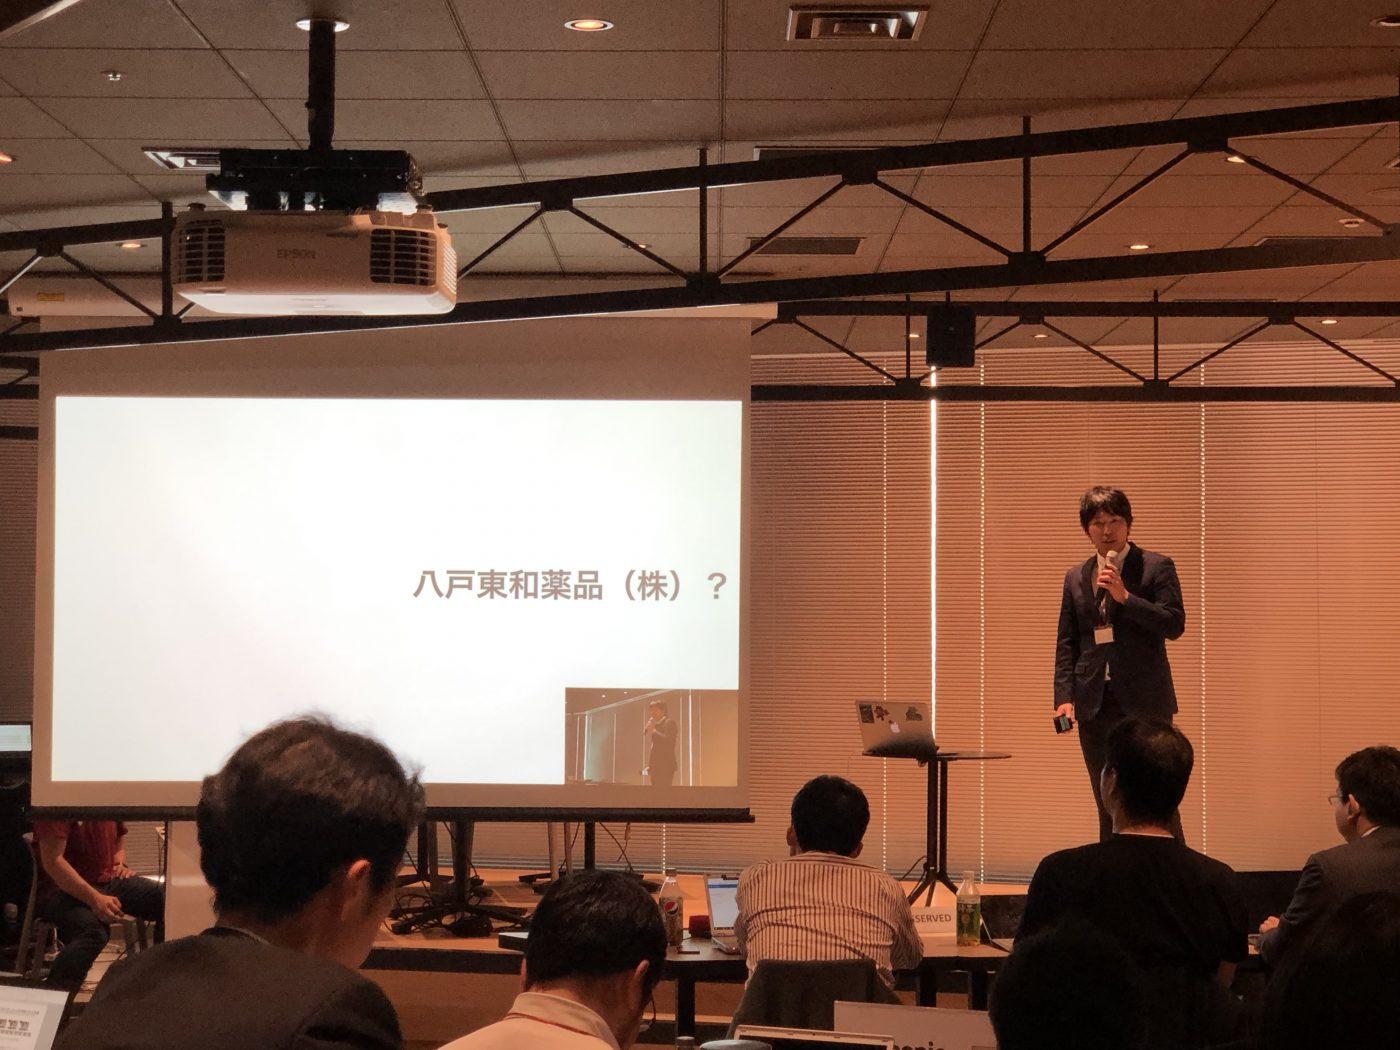 日本マイクロソフトNO.1プレゼンター澤円さんのプレゼンを体験して変わった3つのこと